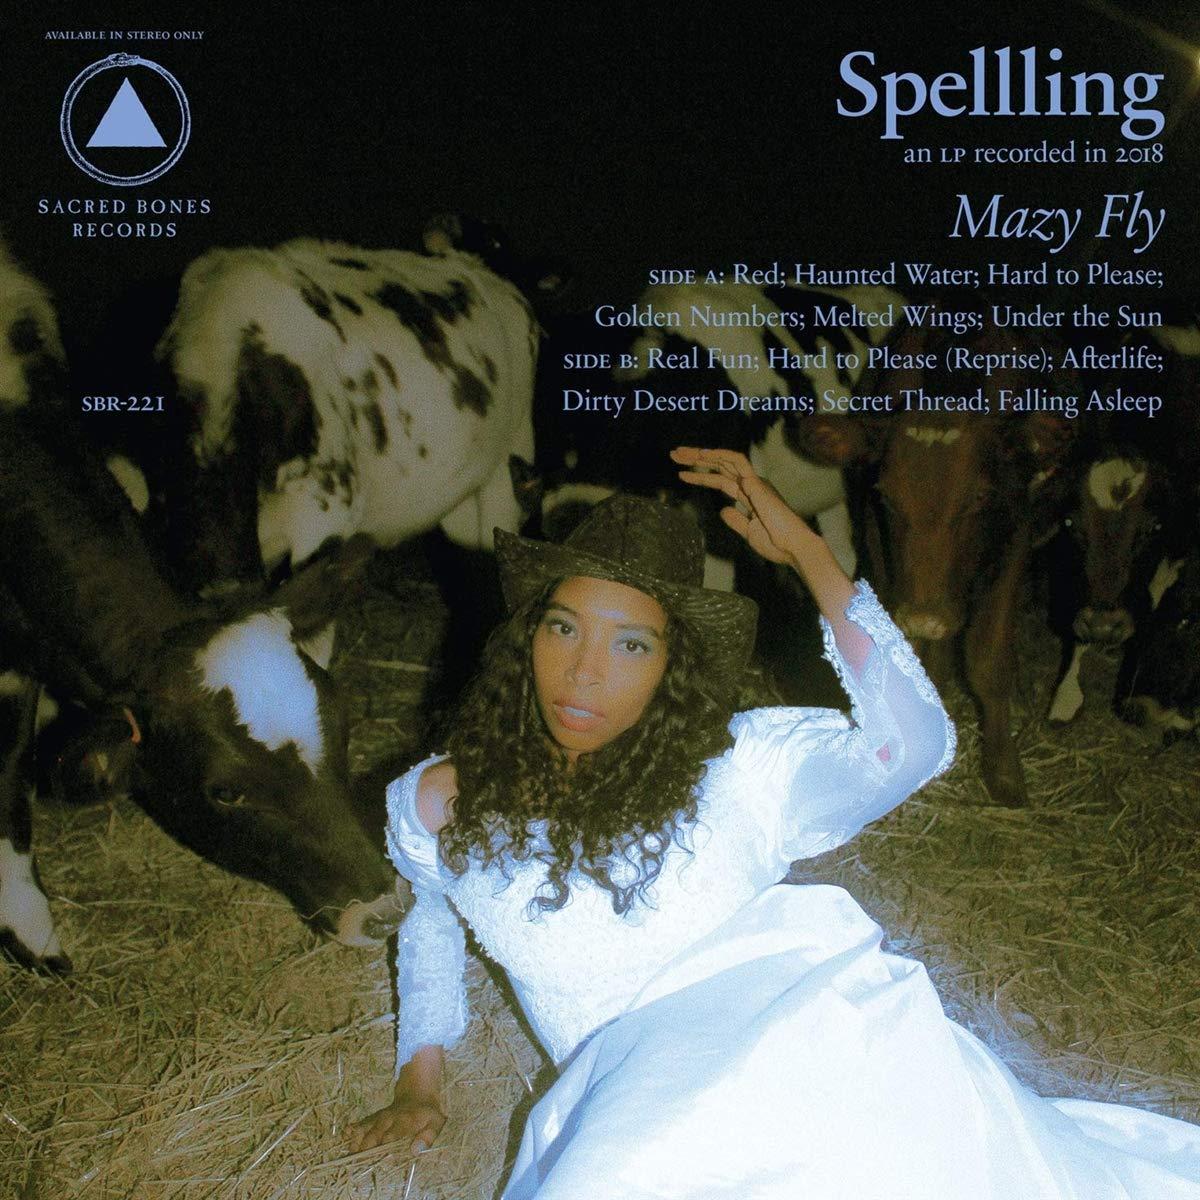 Vinilo : Spellling - Mazy Fly (Blue)